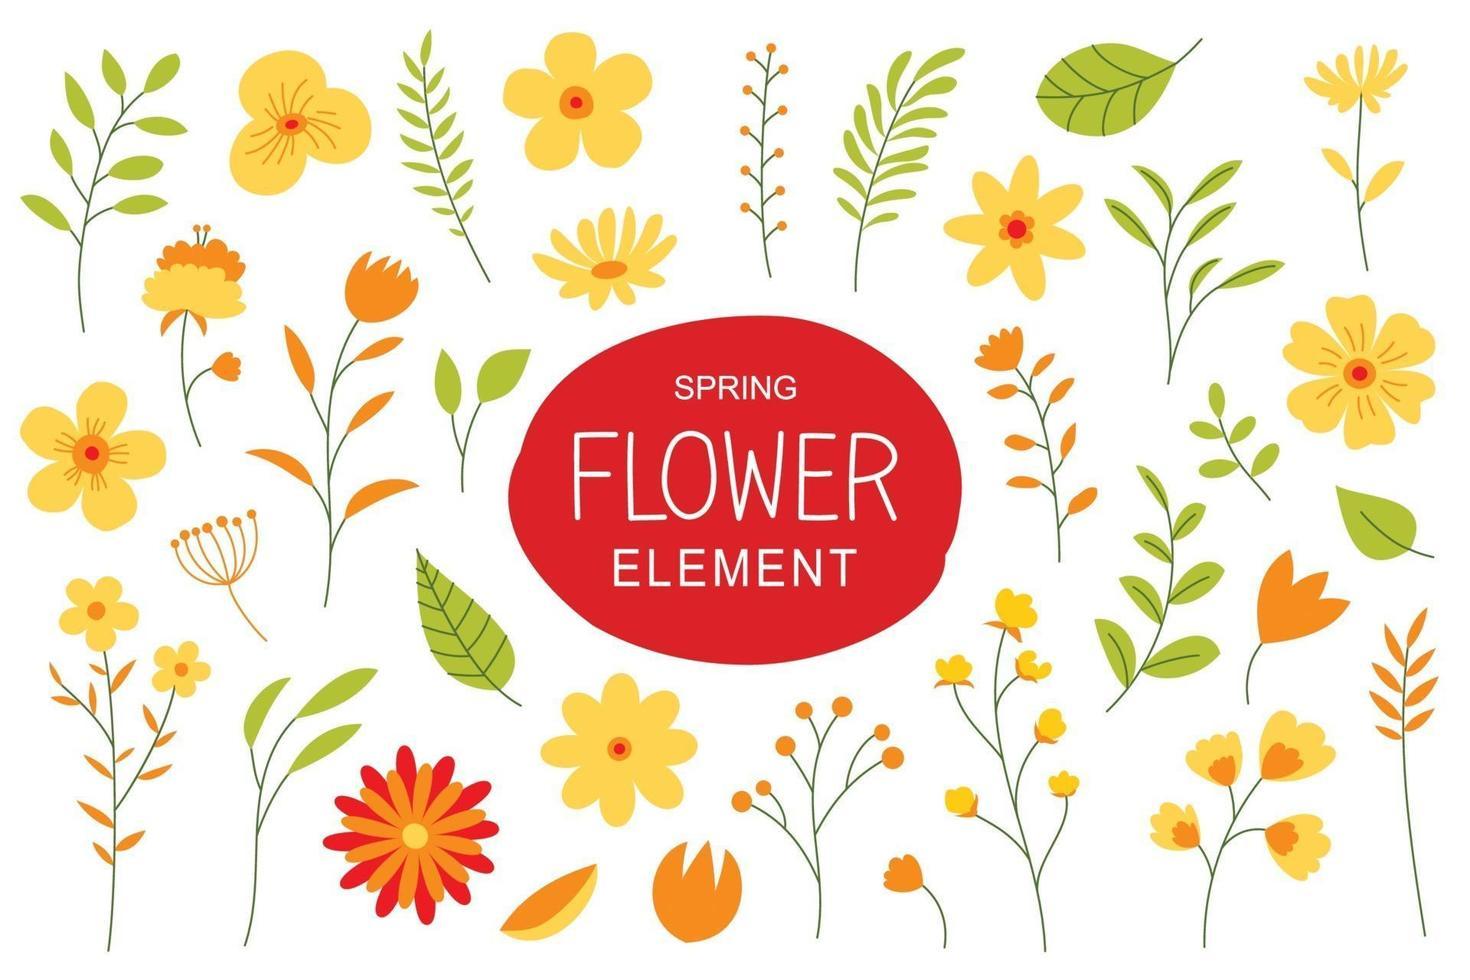 flores e folhas na primavera. elementos de design simples com conjunto de flores da primavera. vetor